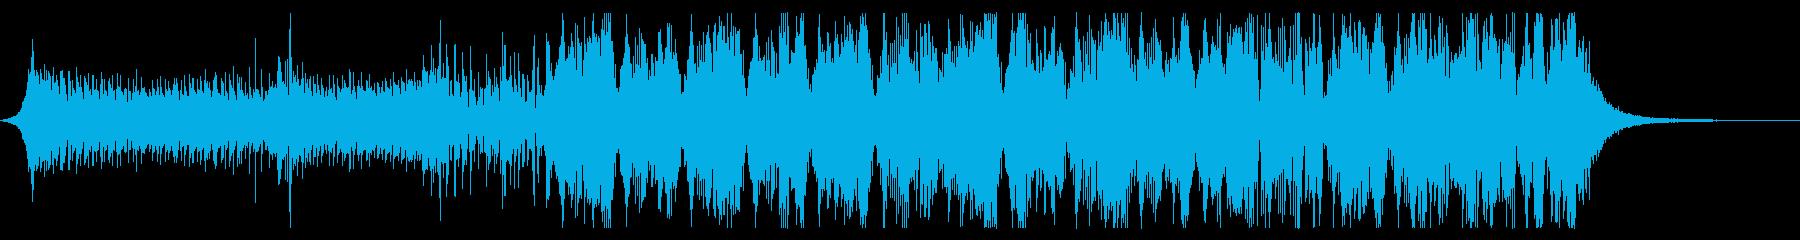 アグレッシブなダブステップの再生済みの波形